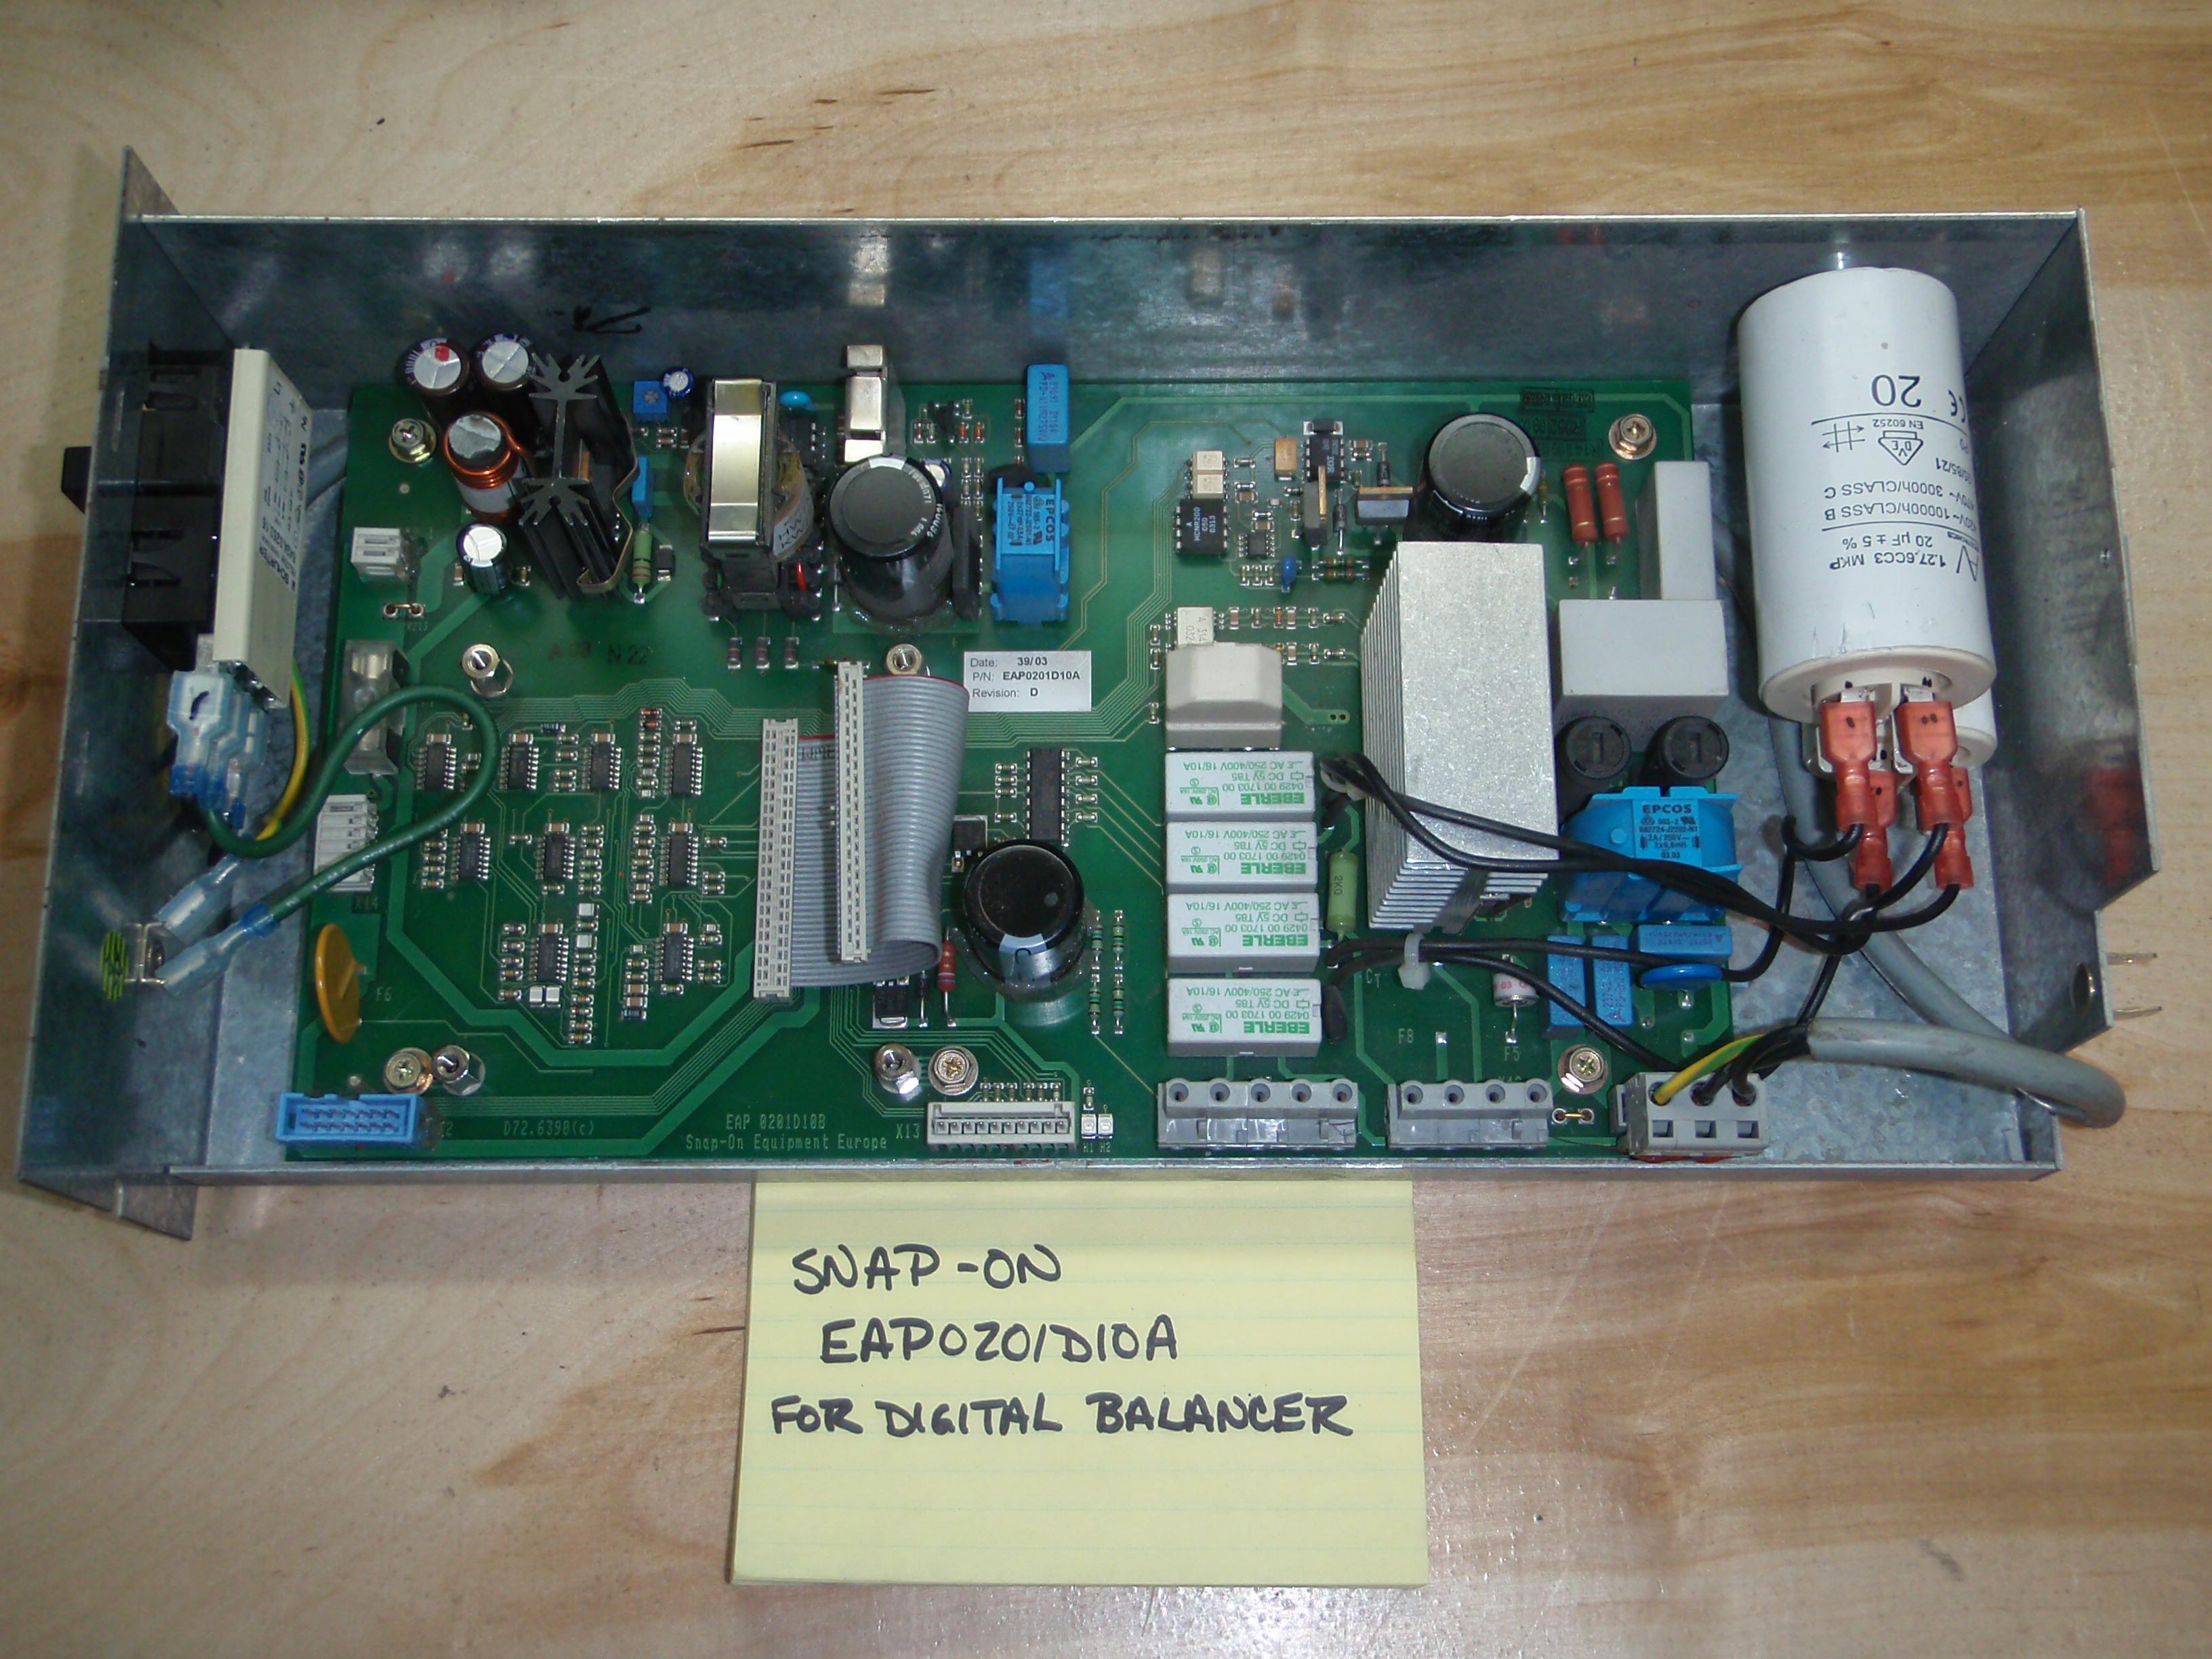 EAP0201